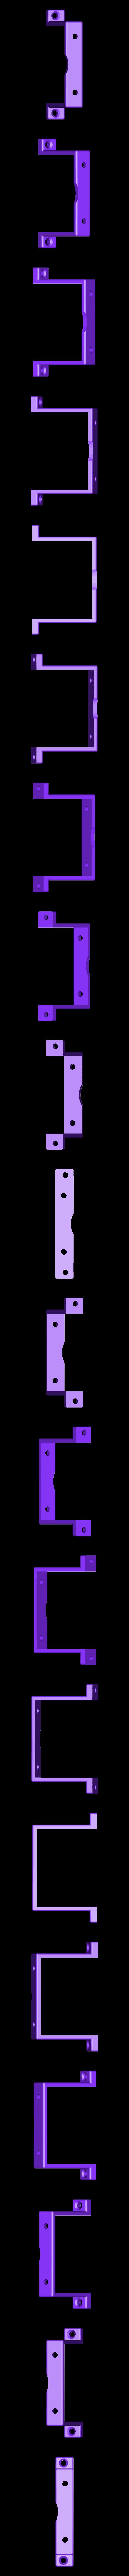 FixNemaOnBottomZAxis.stl Télécharger fichier STL gratuit CoreXY by Tila3d • Design imprimable en 3D, tila3d